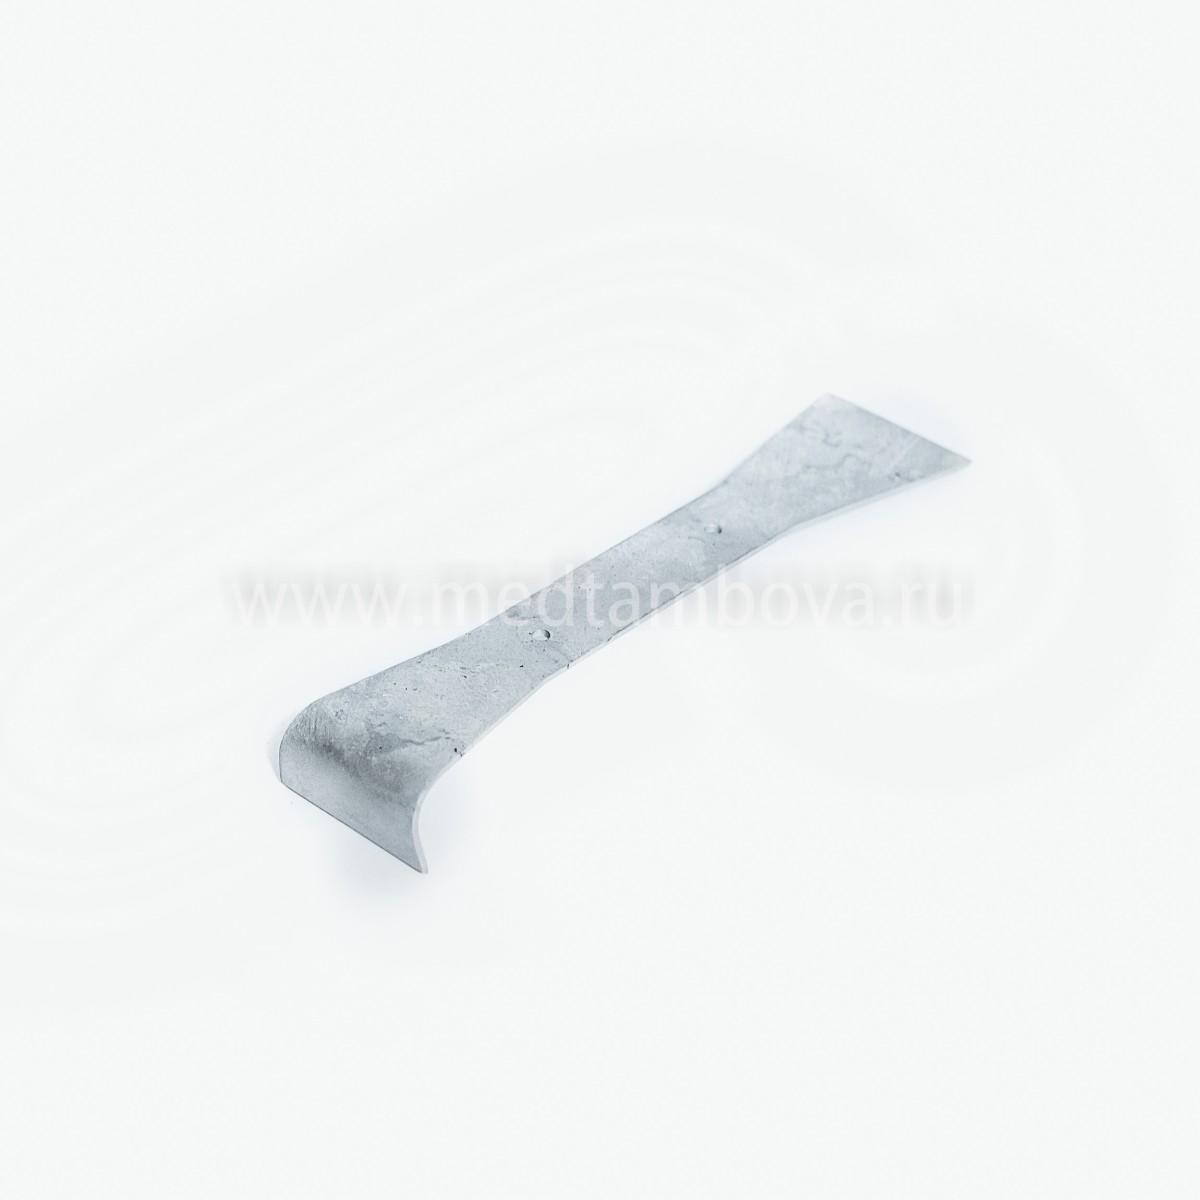 Стамеска без ручки оцинкованная 200мм